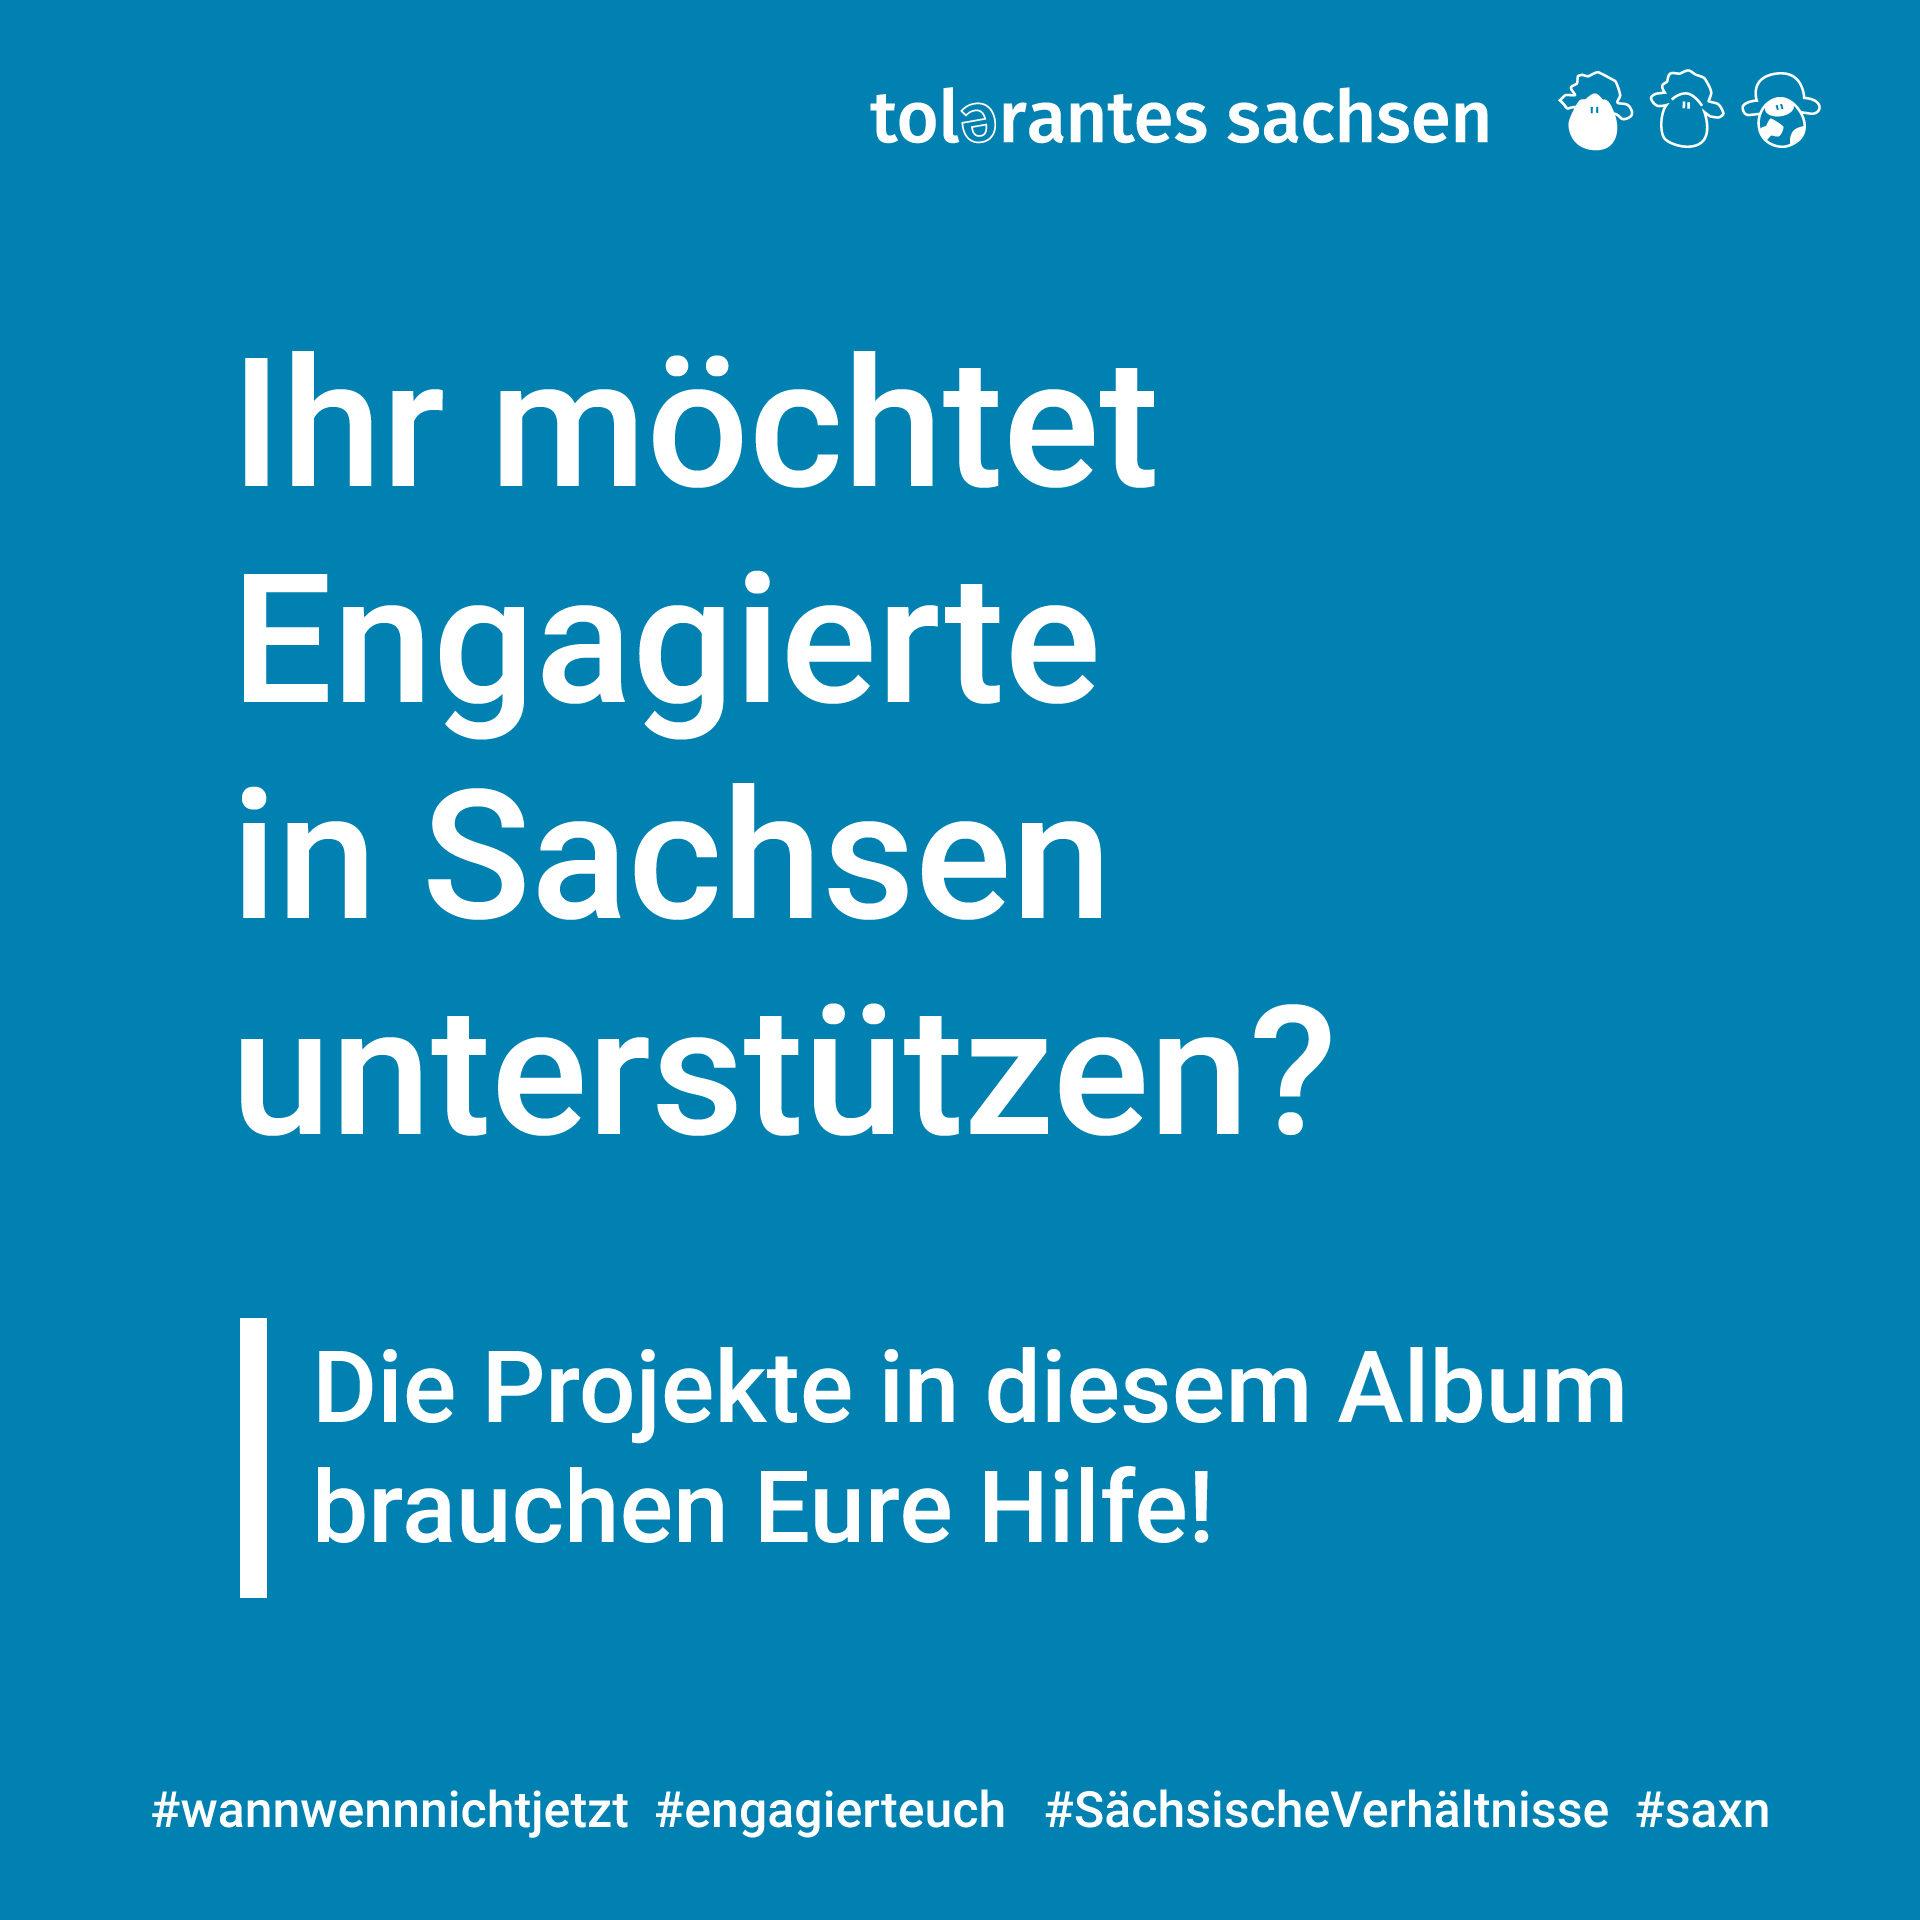 Ihr möchtet Engagierte in Sachsen unterstützen? #wannwennnichtjetzt